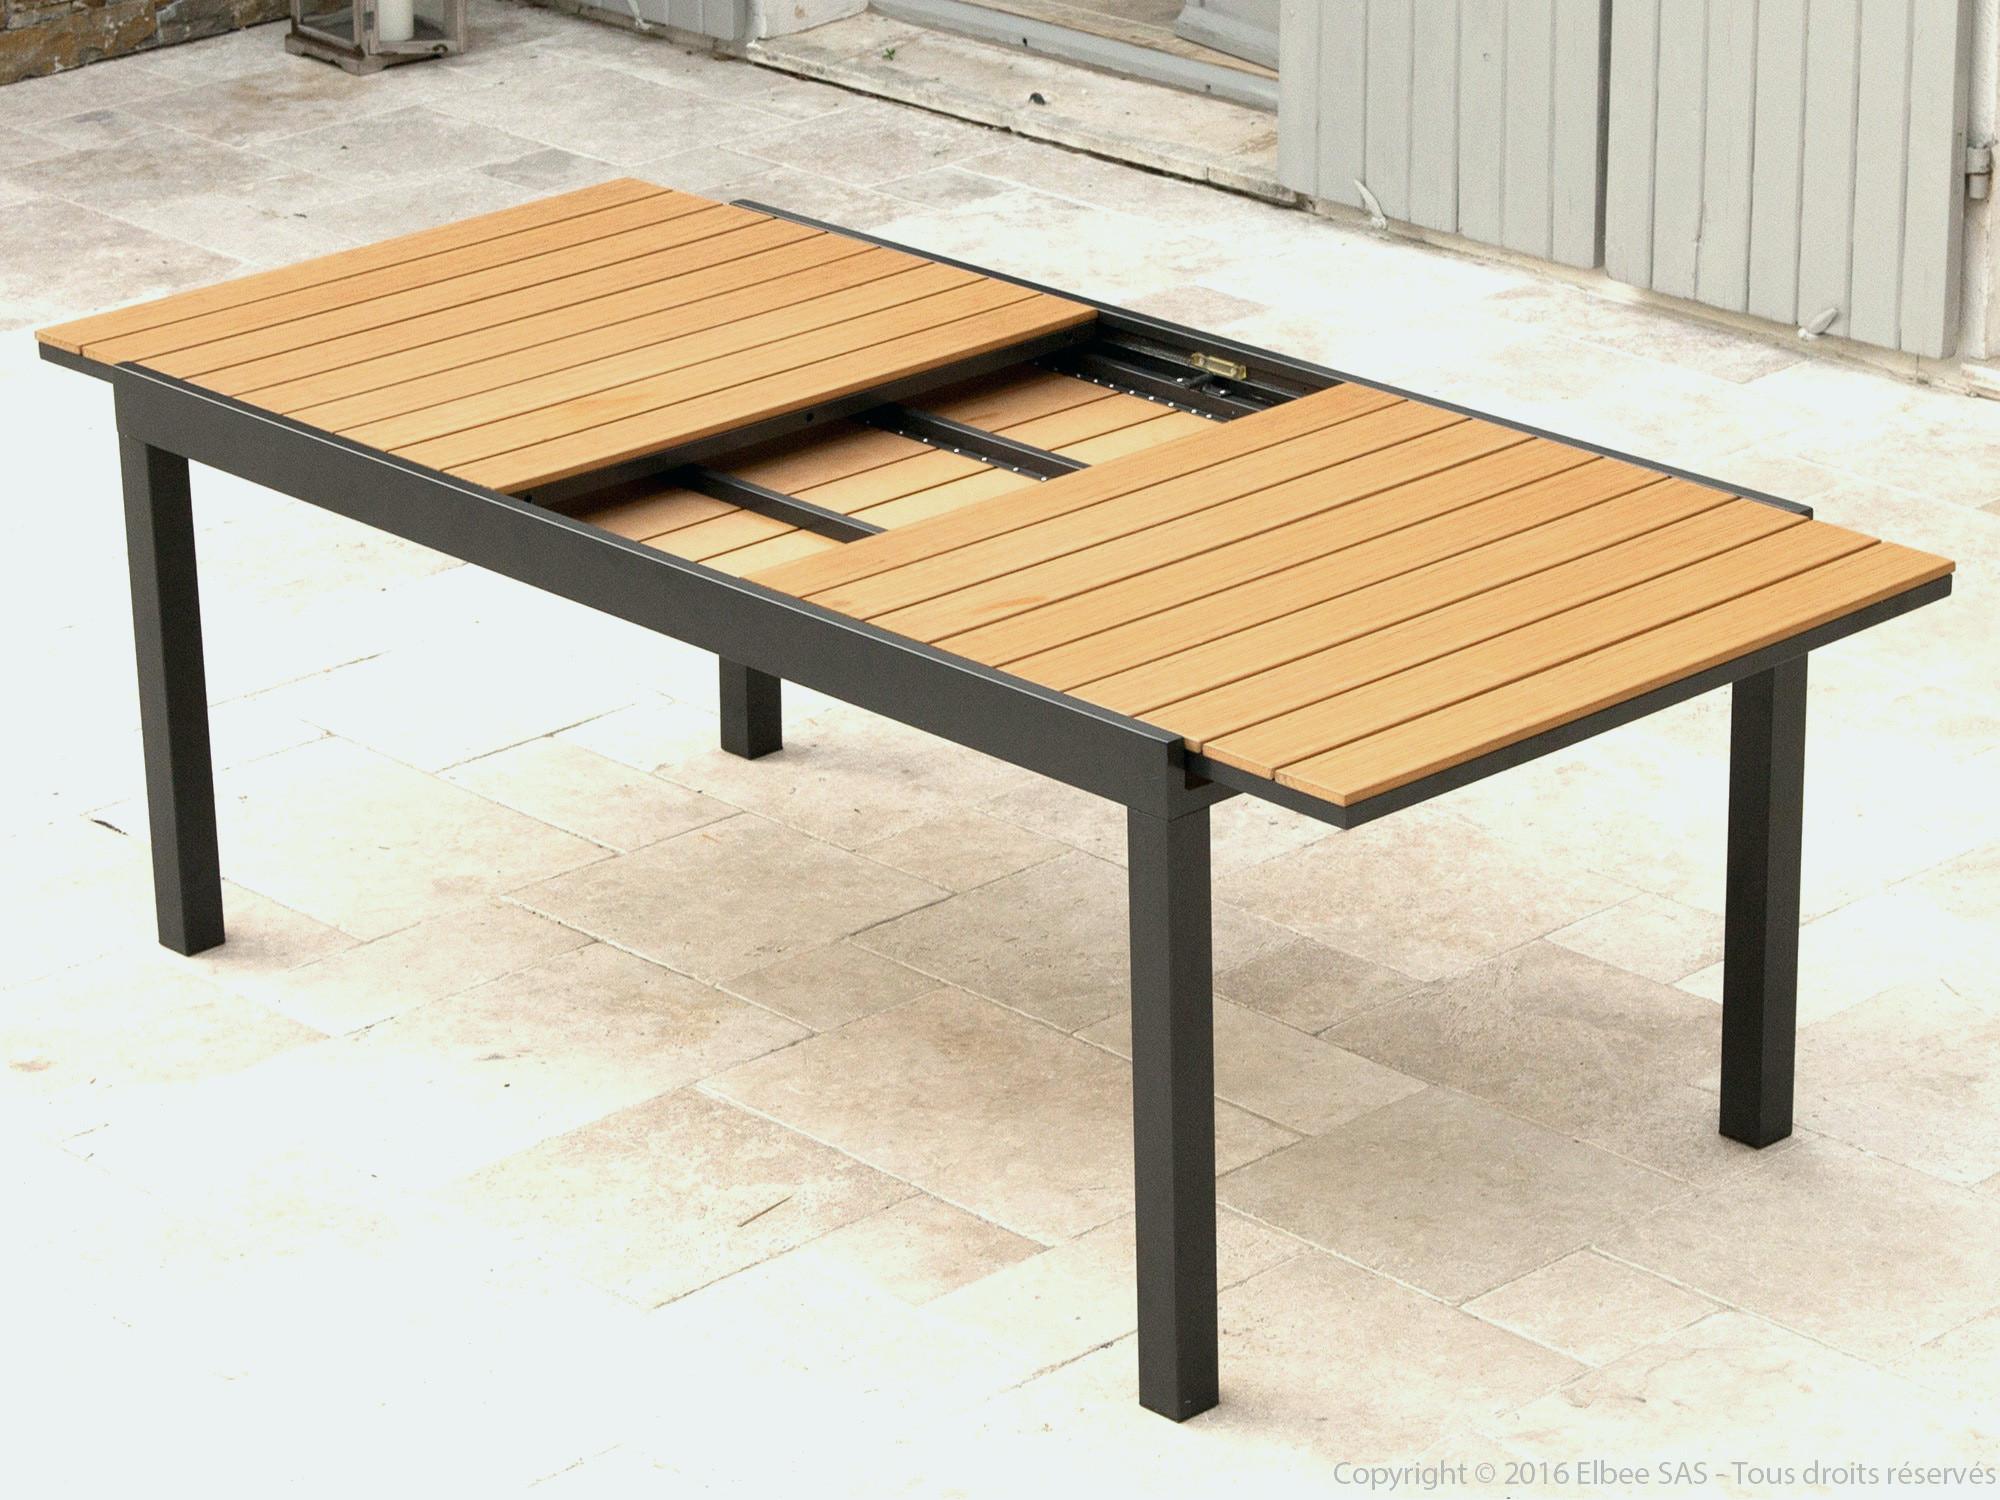 Table De Jardin Ronde En Bois Leclerc Luxe Image Abri De Jardin En Bois Leclerc Aussi Finest Brico Depot Abri De